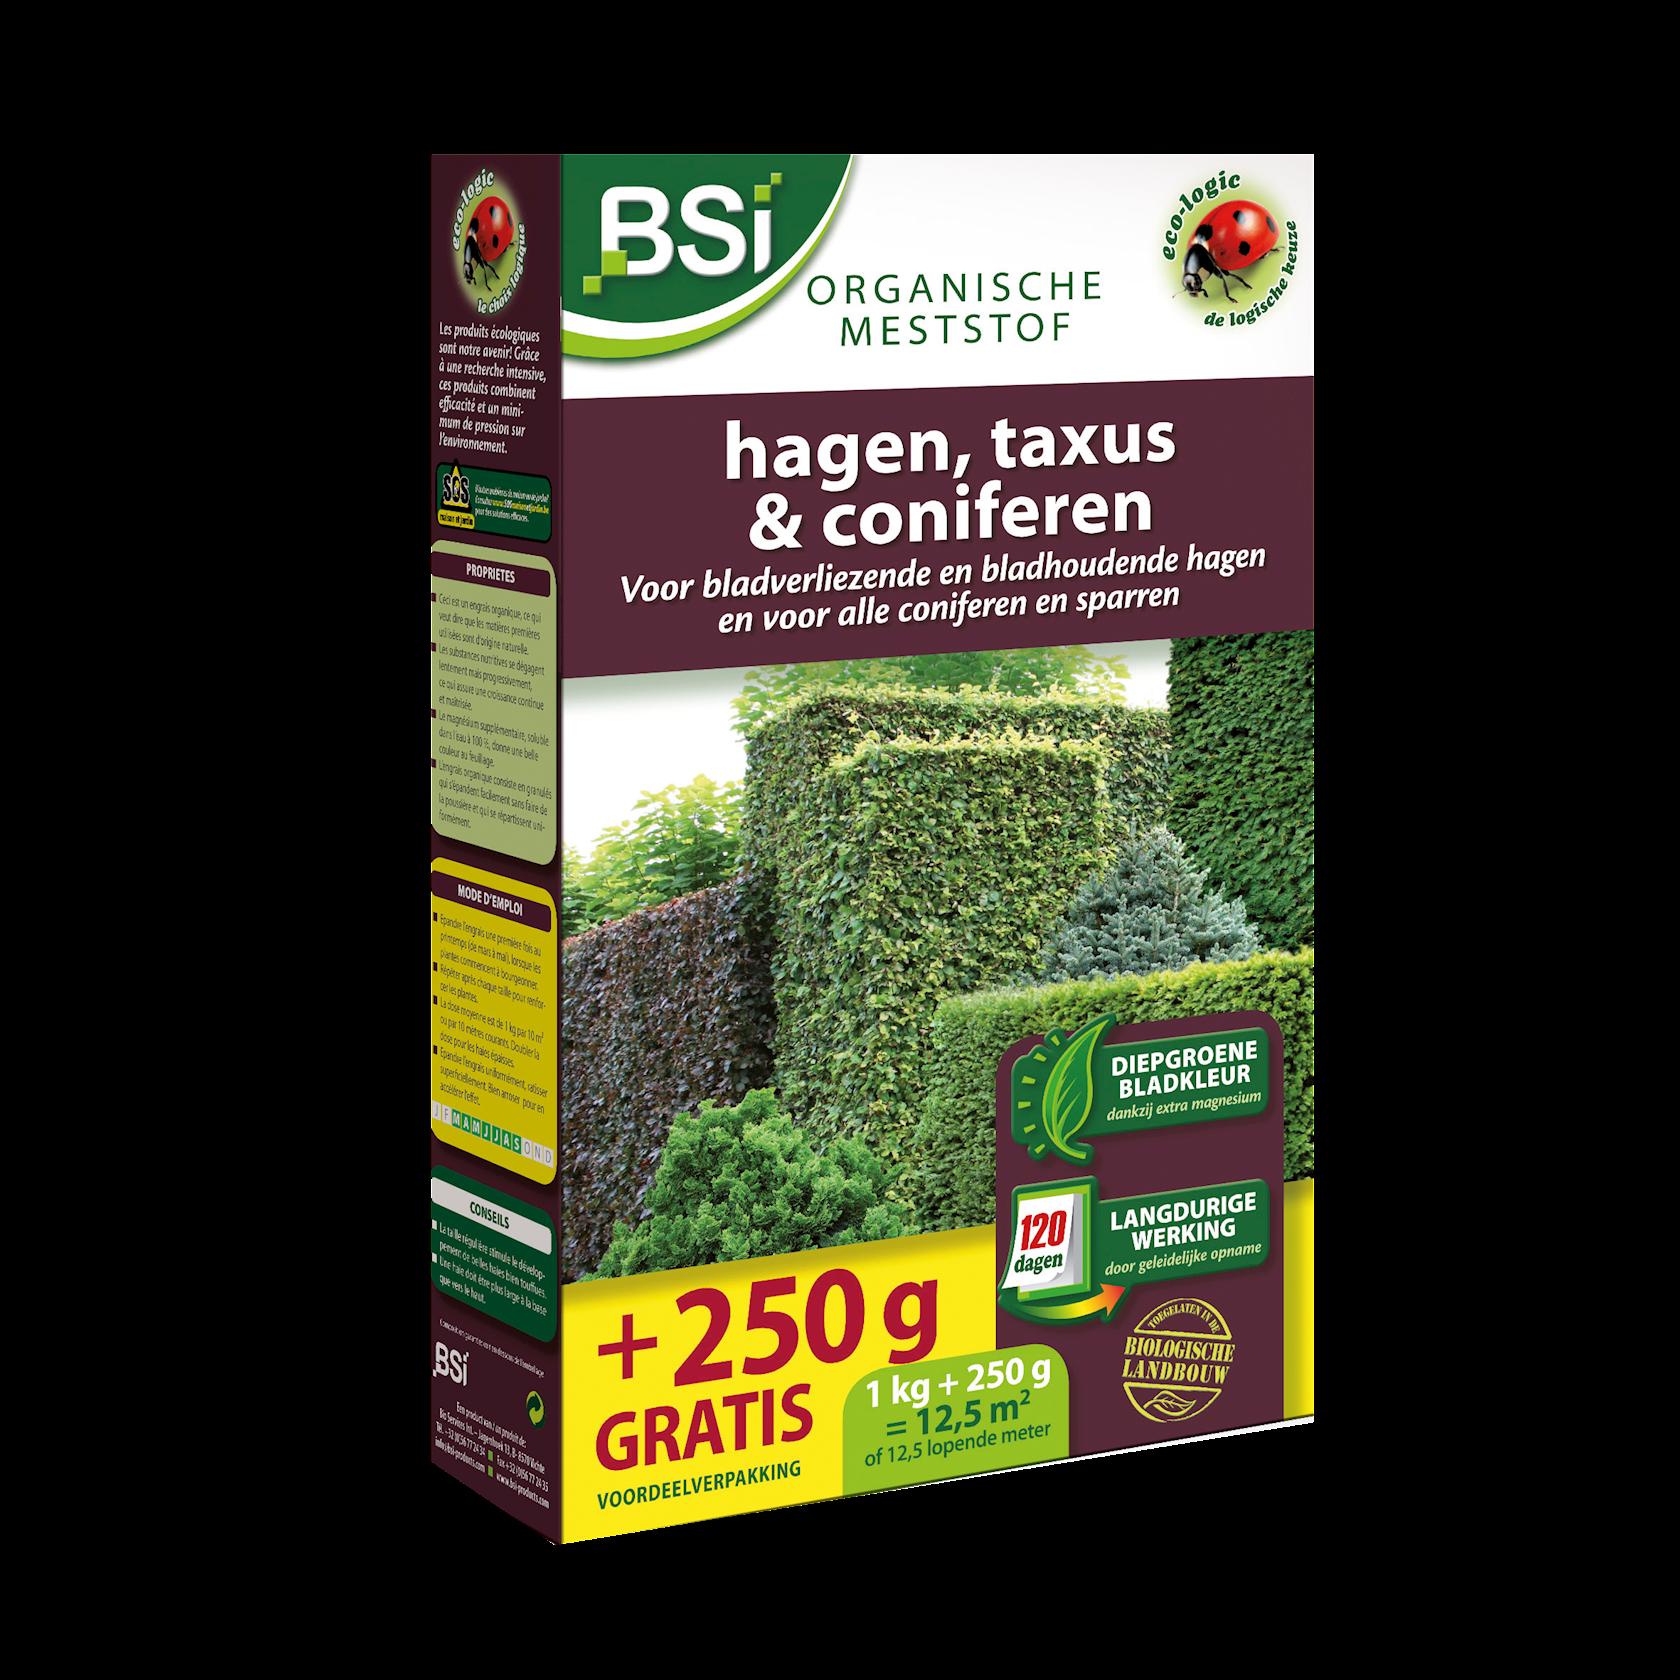 Hagen-taxus-en-coniferen-bio-meststof-1-25-kg-voor-12-5m-